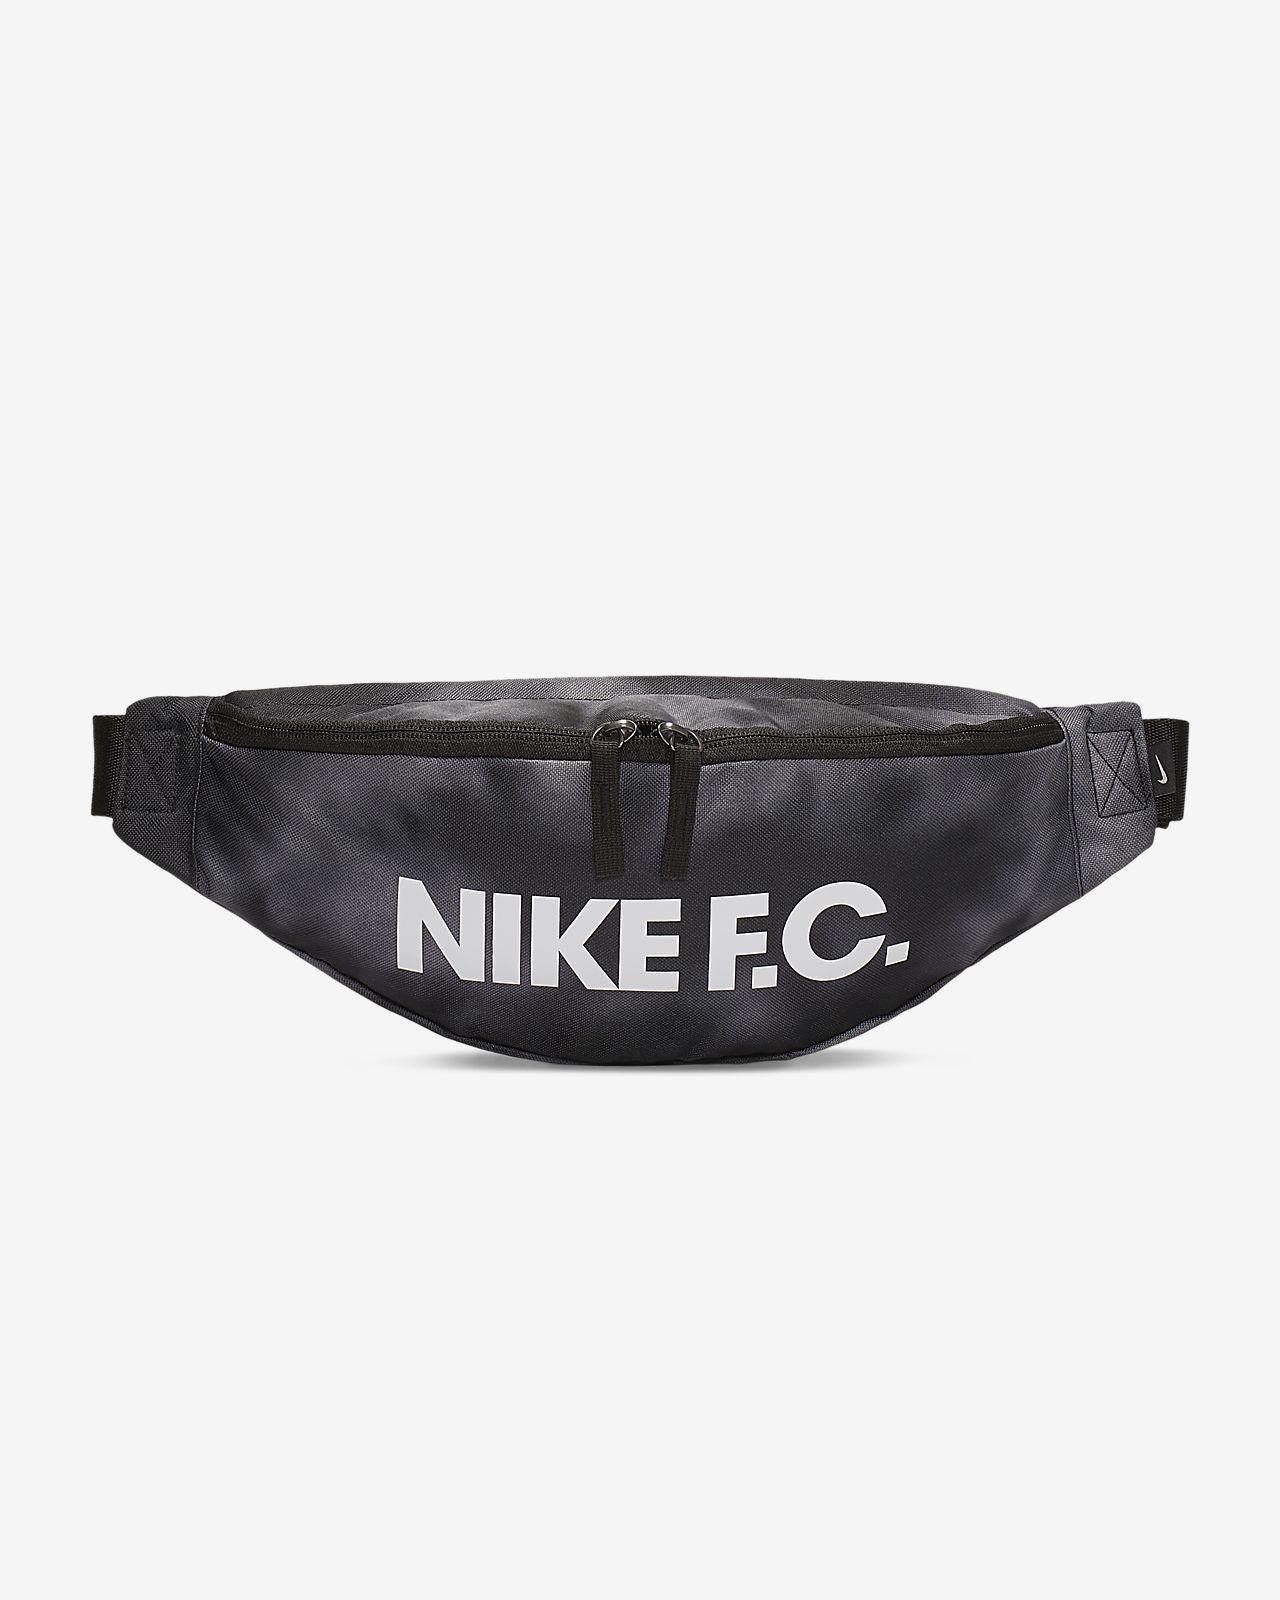 Τσαντάκι μέσης Nike F.C.